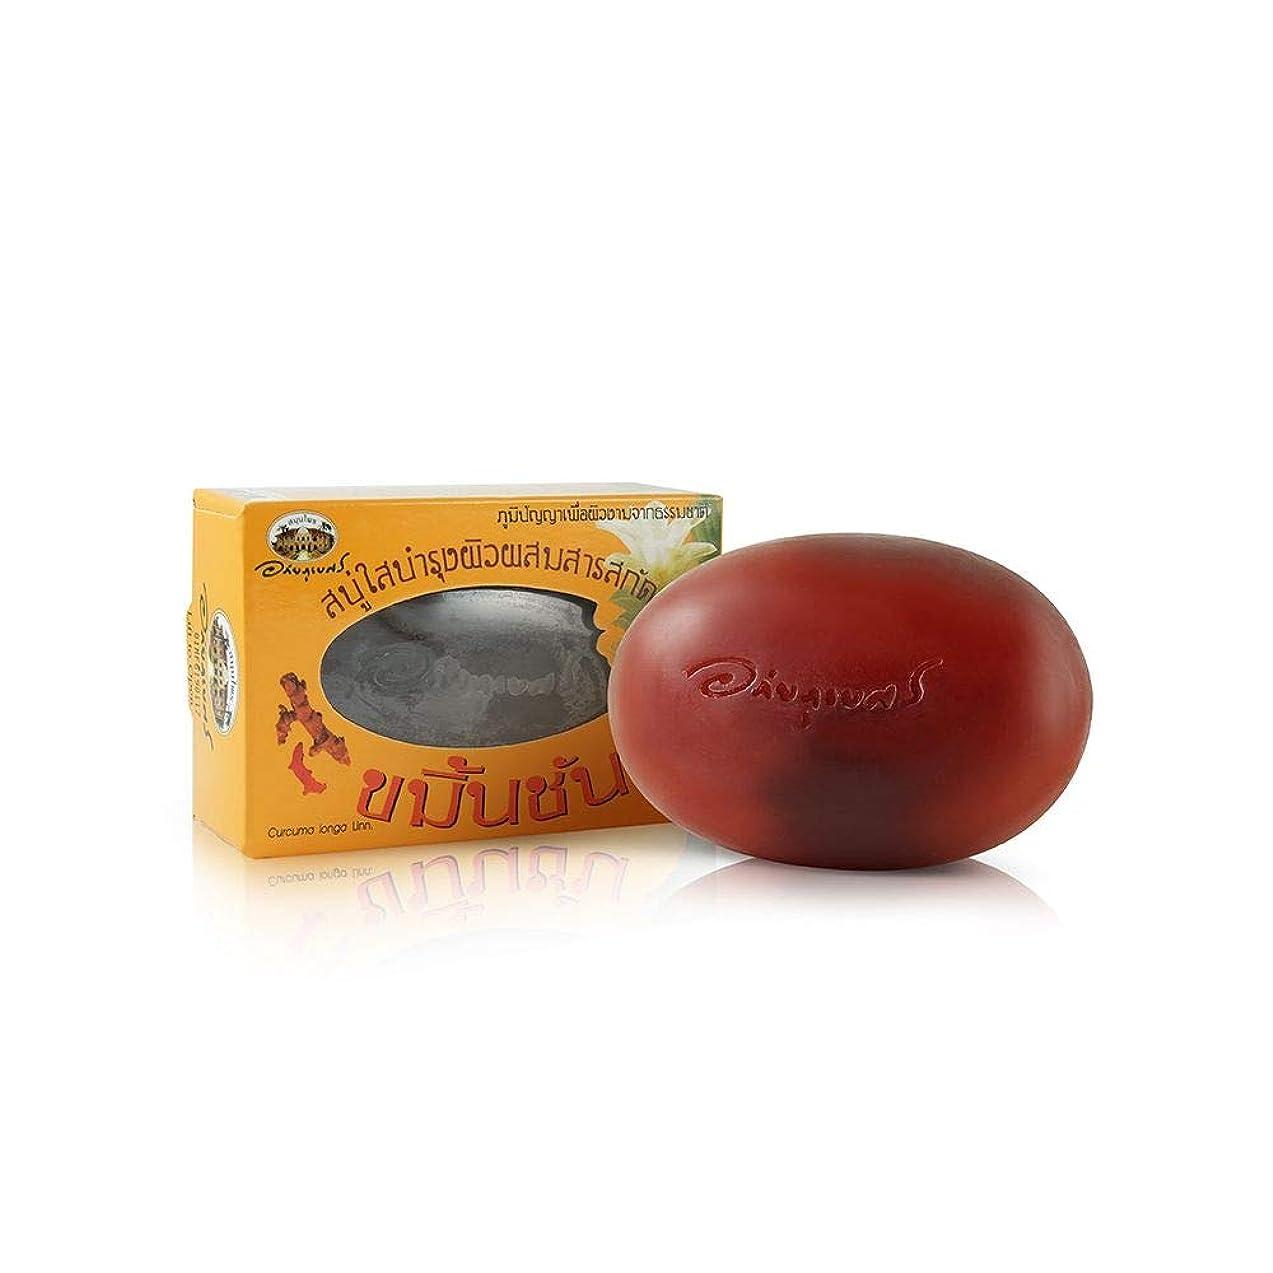 判読できないパスおびえたAbhaibhubejhr Turmeric Vitamin E Herbal Body Cleansing Soap 100g. Abhaibhubejhrターメリックハーブボディクレンジングソープ100グラム。